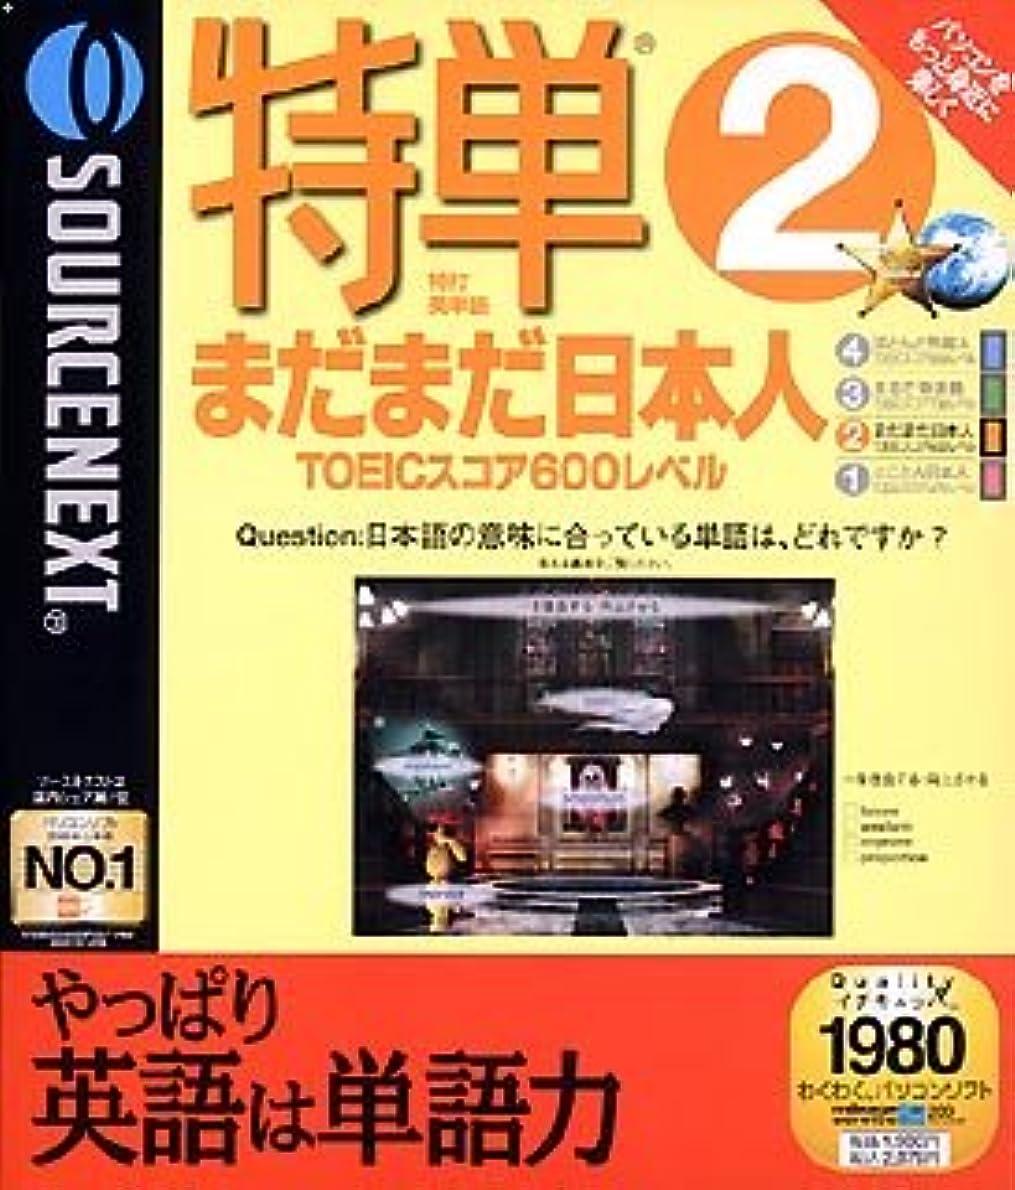 摂動貧困キー特単 2 まだまだ日本人 TOEICスコア 600レベル (リニューアル版)